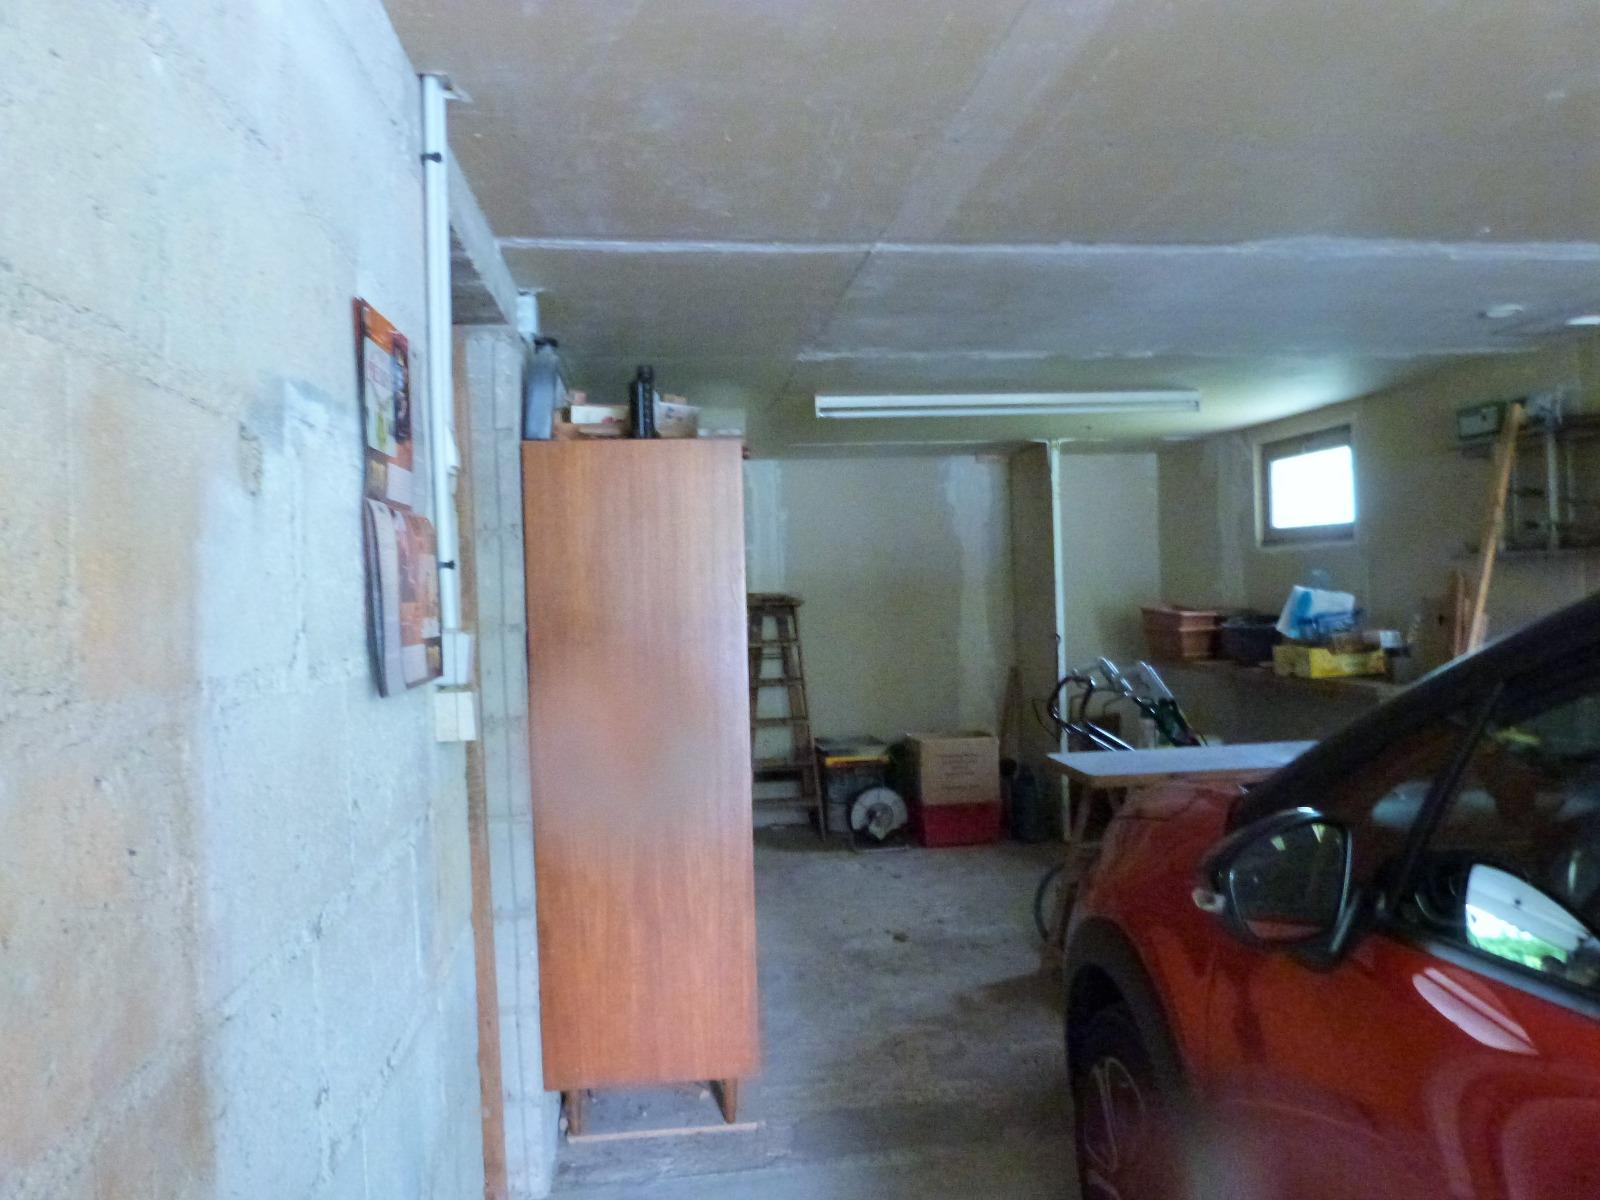 Lons le saunier 39000 jura 8mn vends maison jumel e 75m env sous sol sur terrain 620m env - Garage thevenod lons le saunier ...